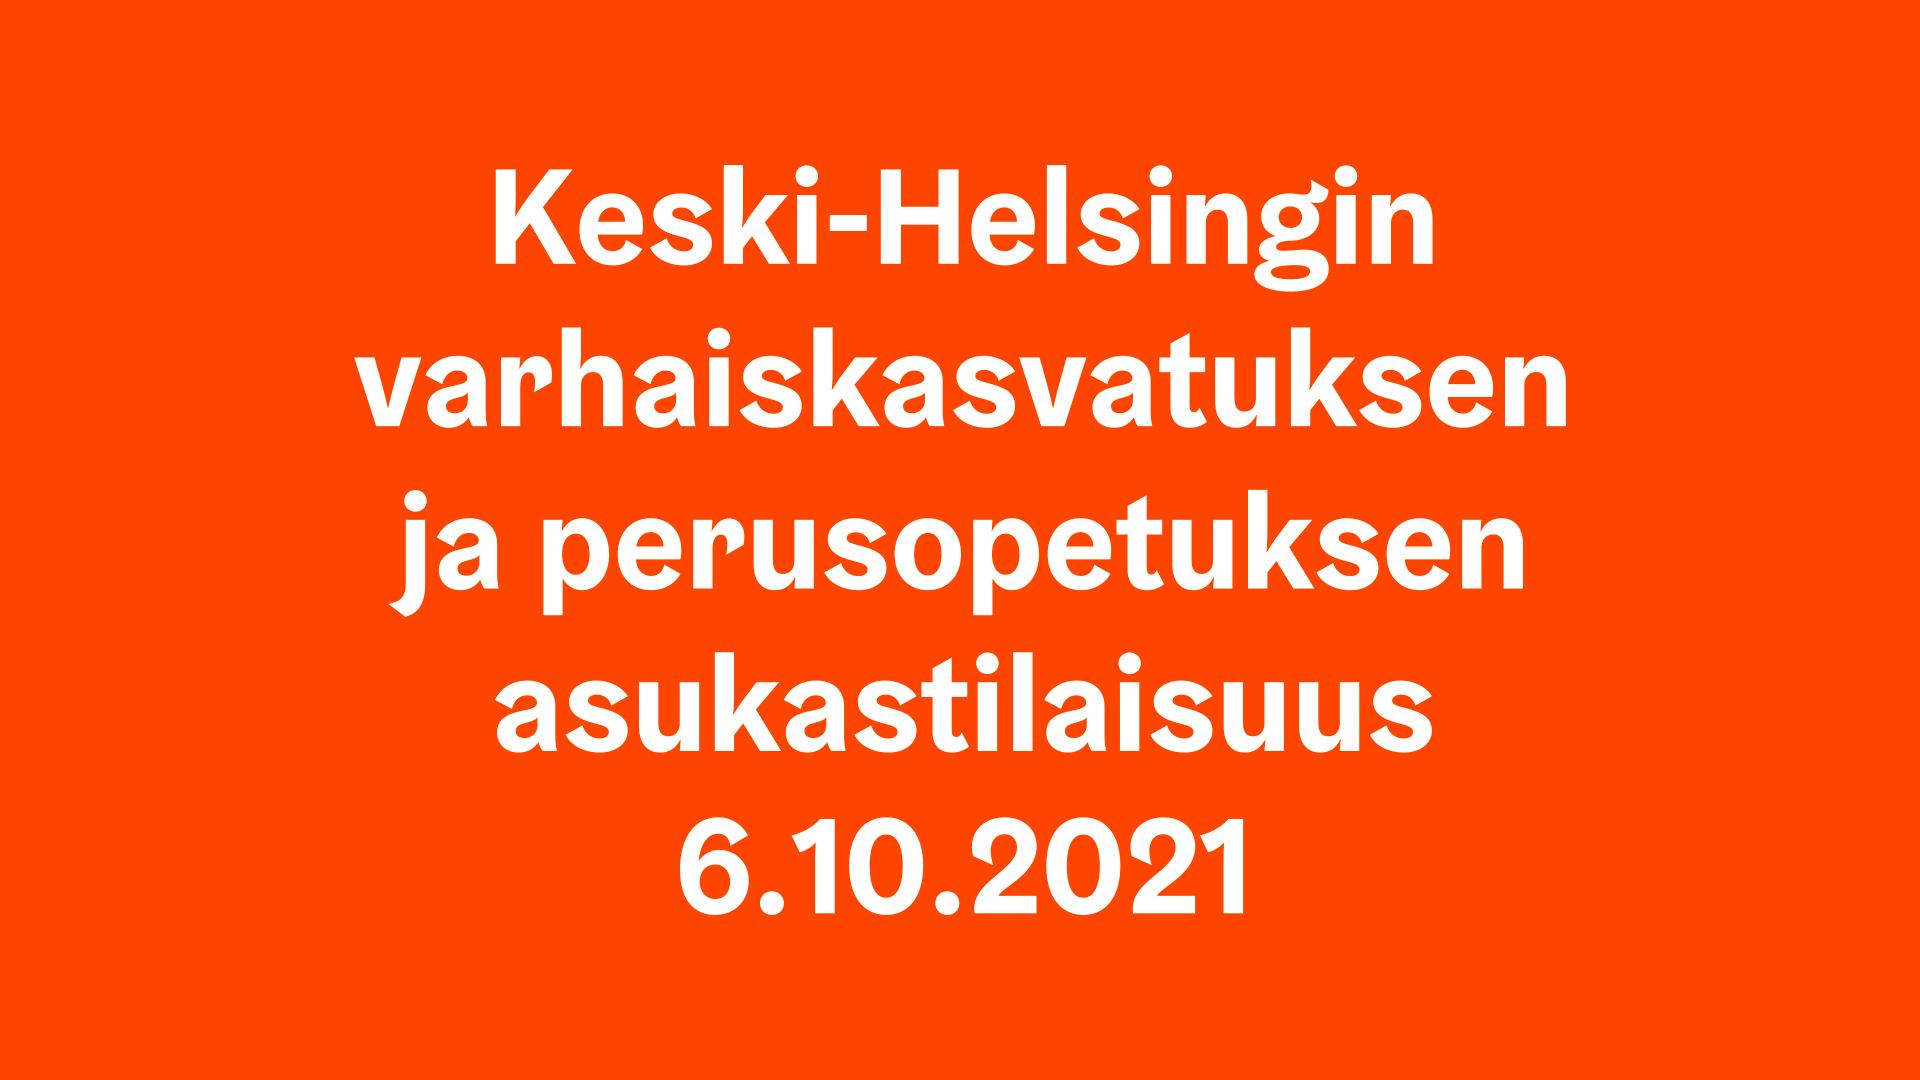 Keski-Helsingin varhaiskasvatuksen ja perusopetuksen asukastilaisuus 6.10.2021